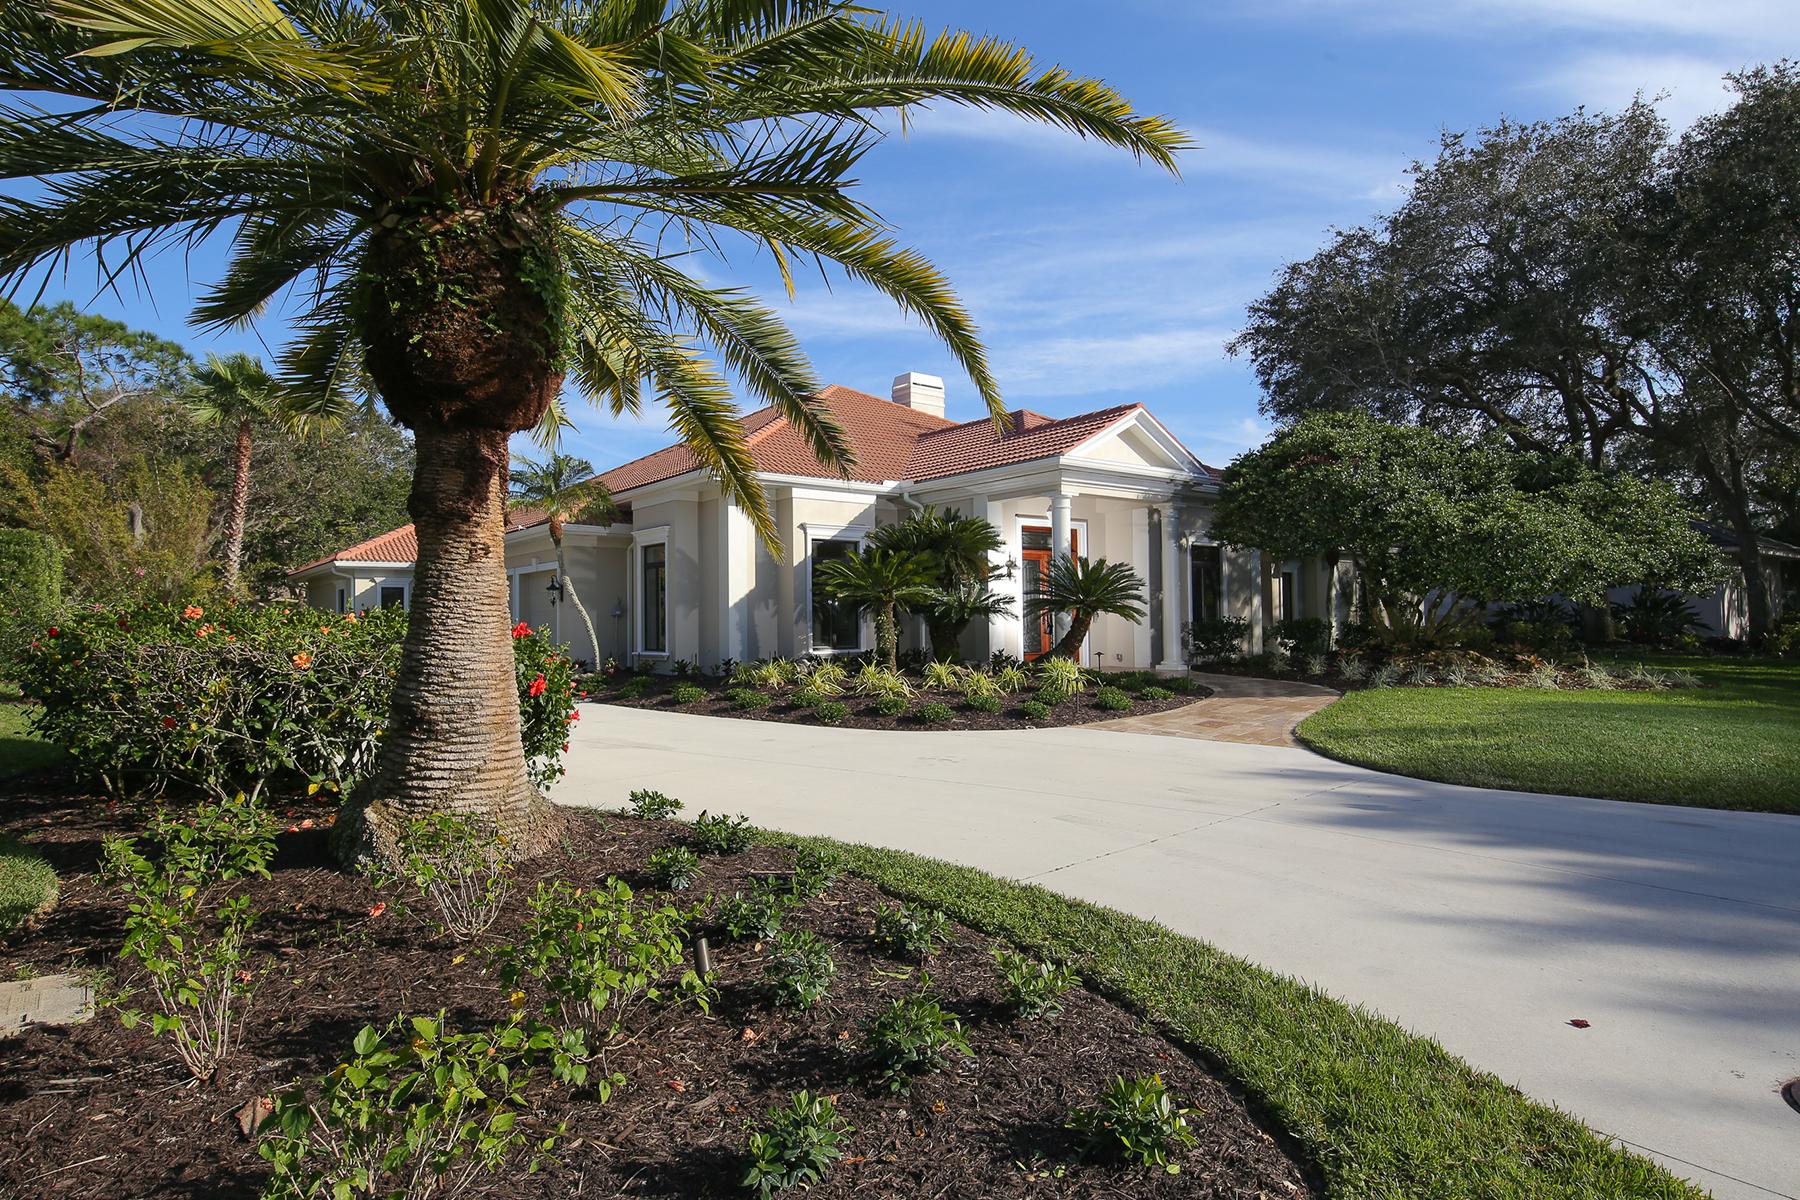 一戸建て のために 売買 アット OAKS 373 Sugar Mill Dr Osprey, フロリダ, 34229 アメリカ合衆国